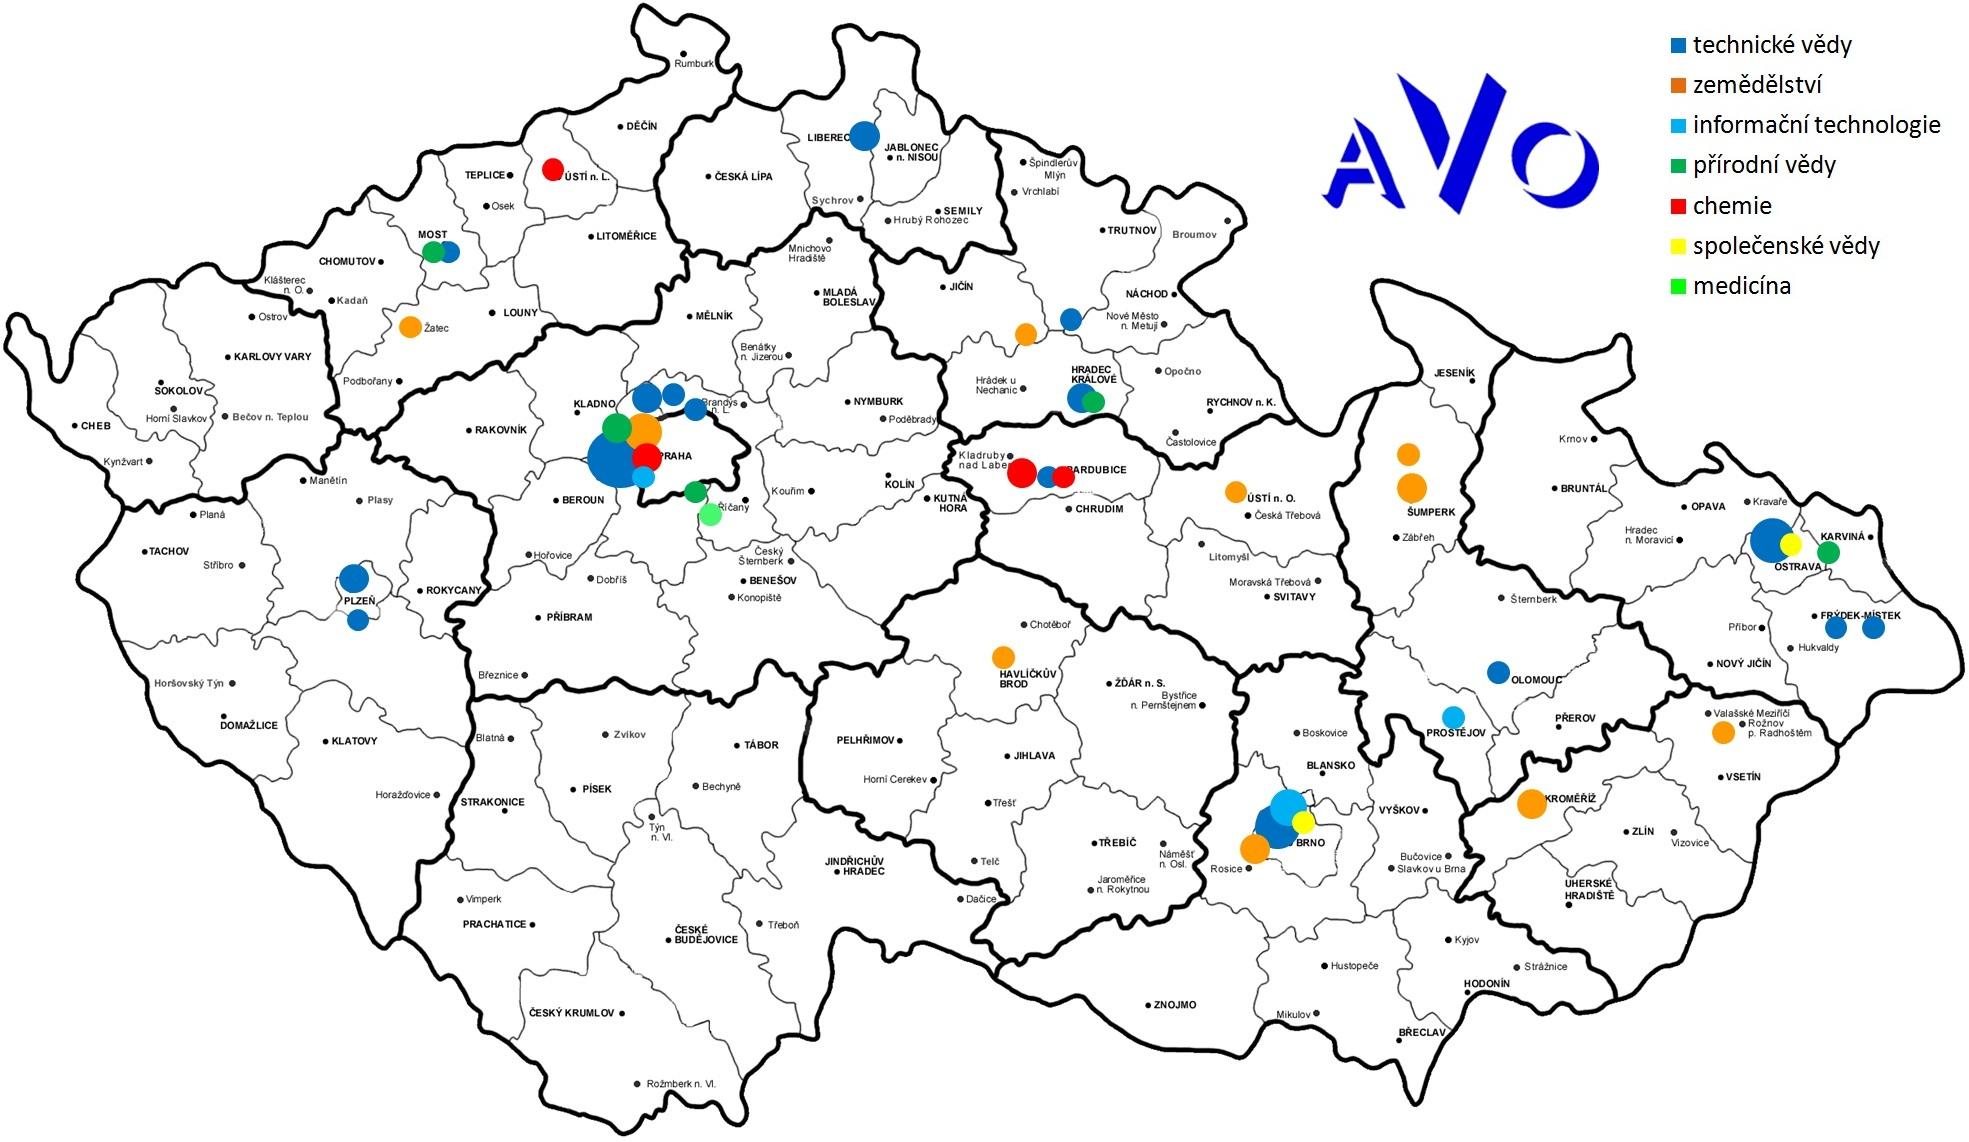 Mapa členů AVO